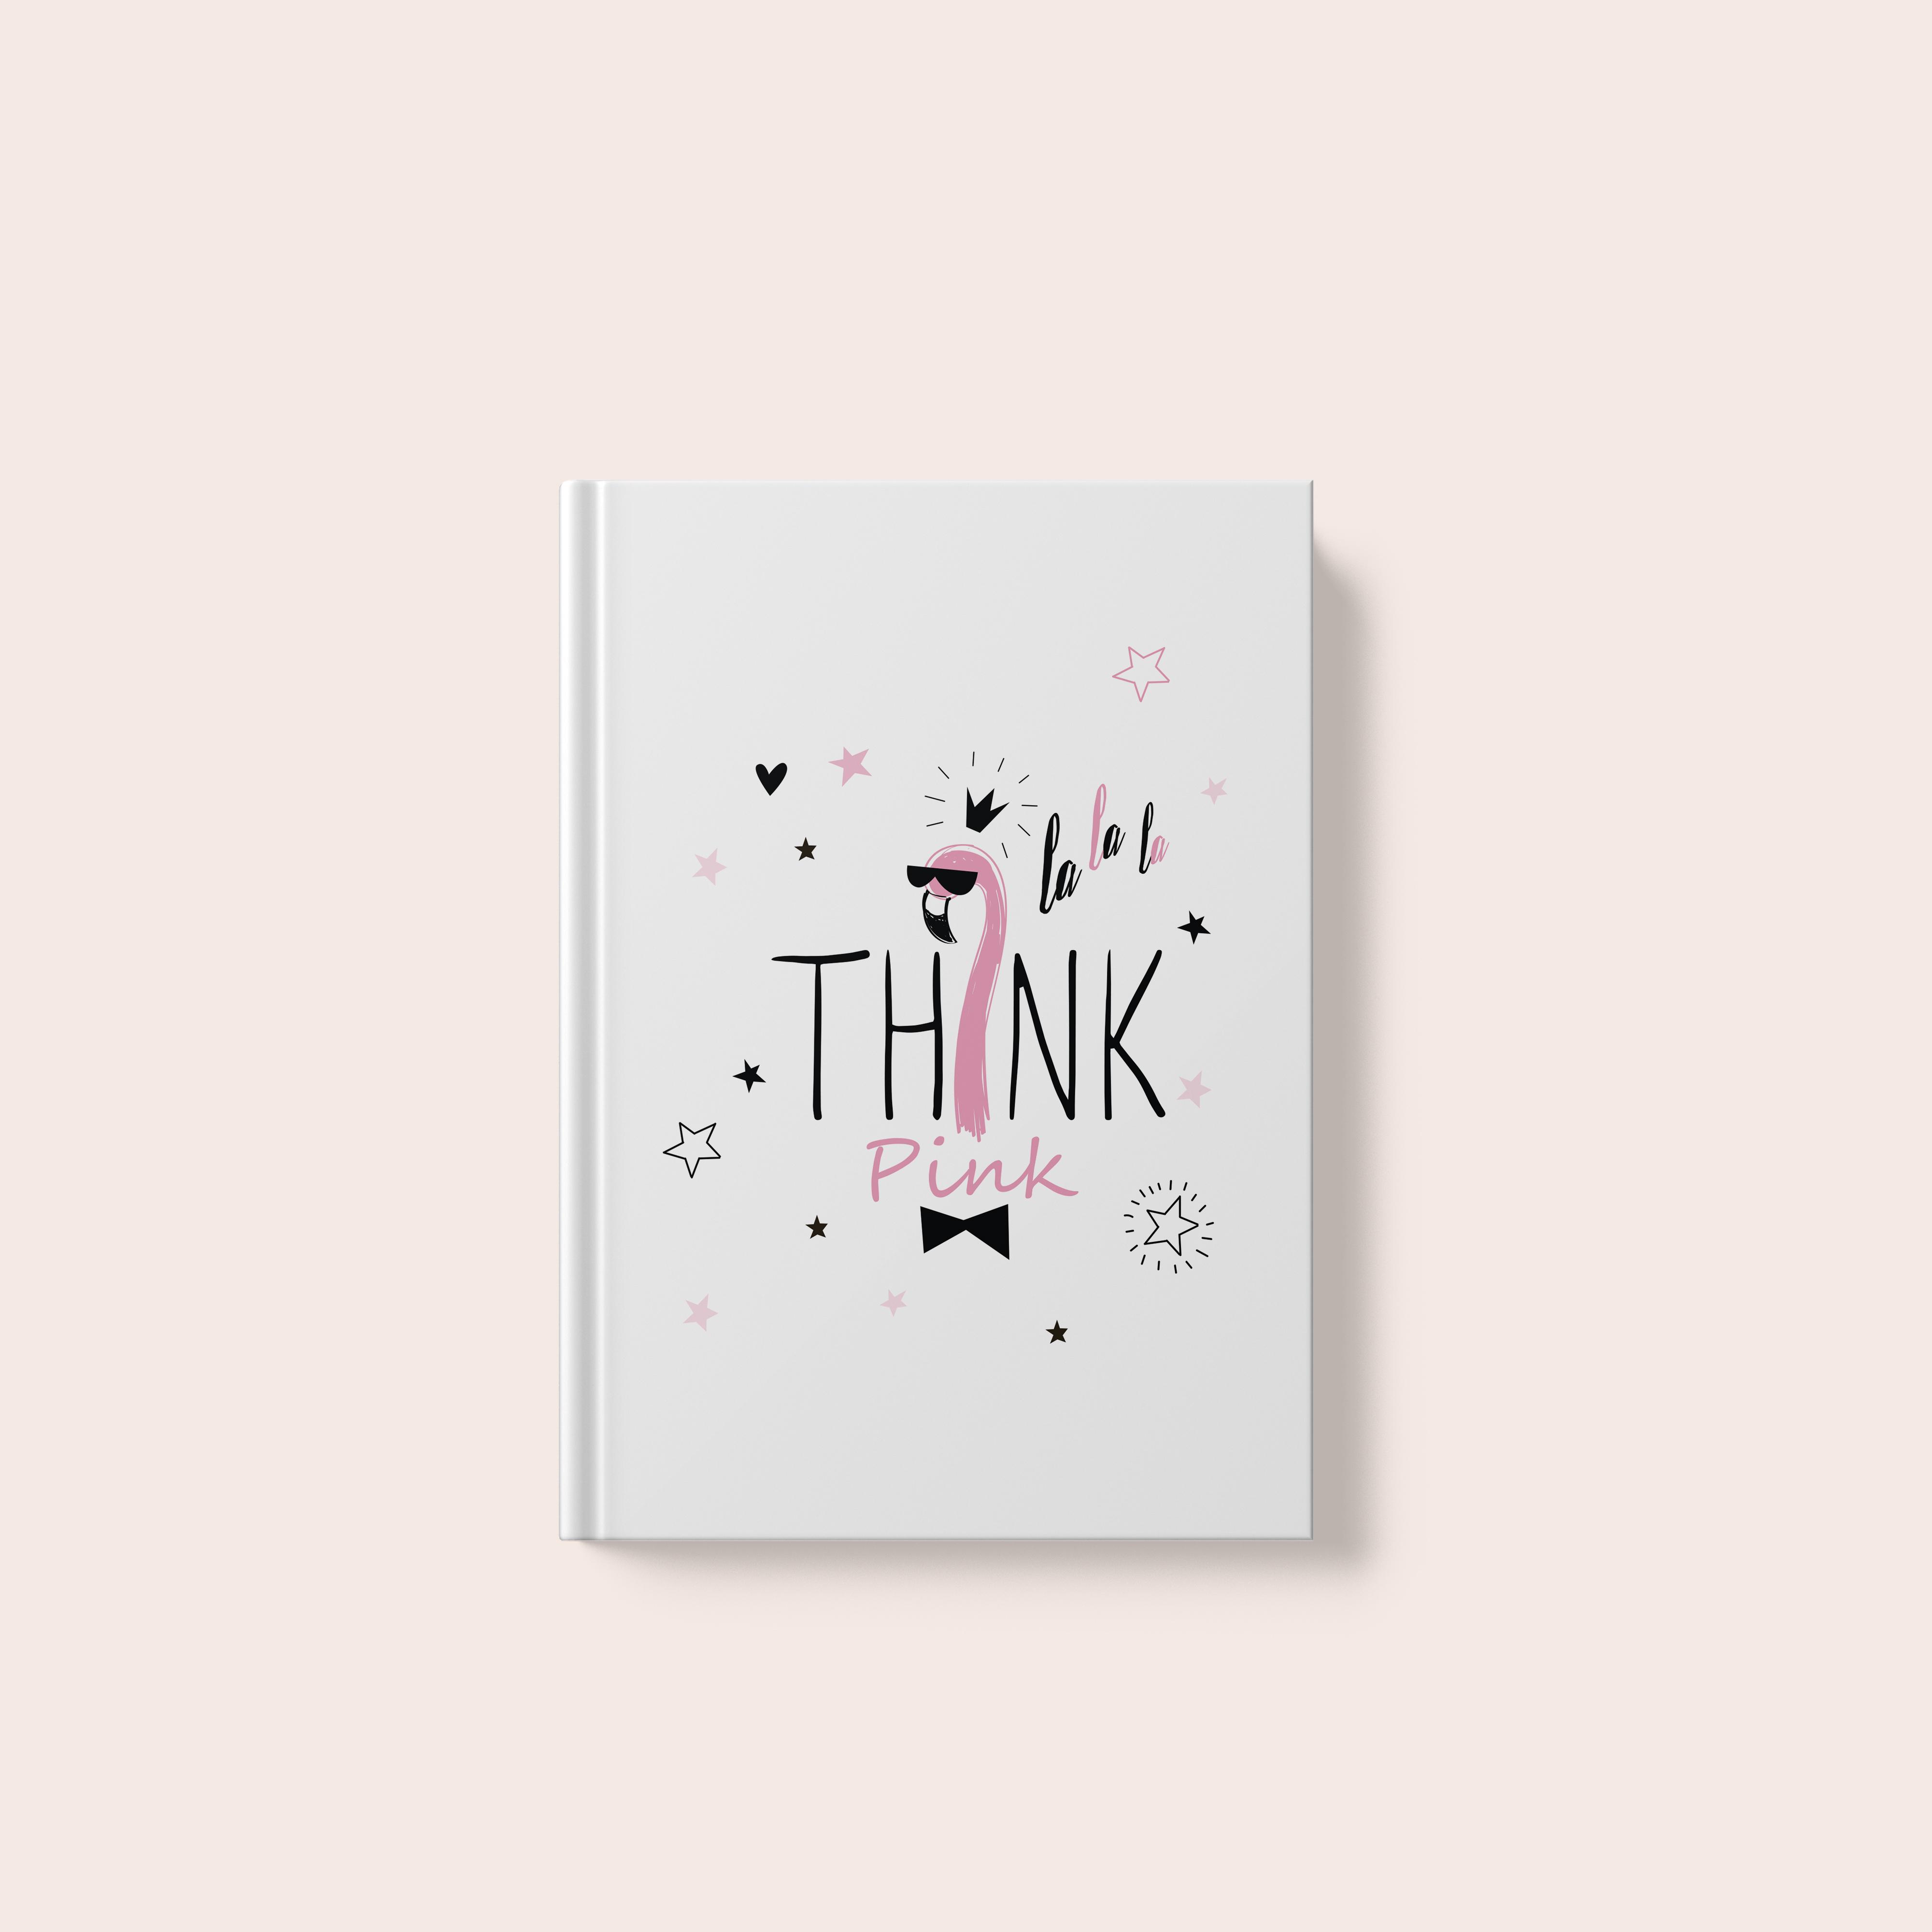 Sổ Kế Hoạch 12 tháng - Think Pink